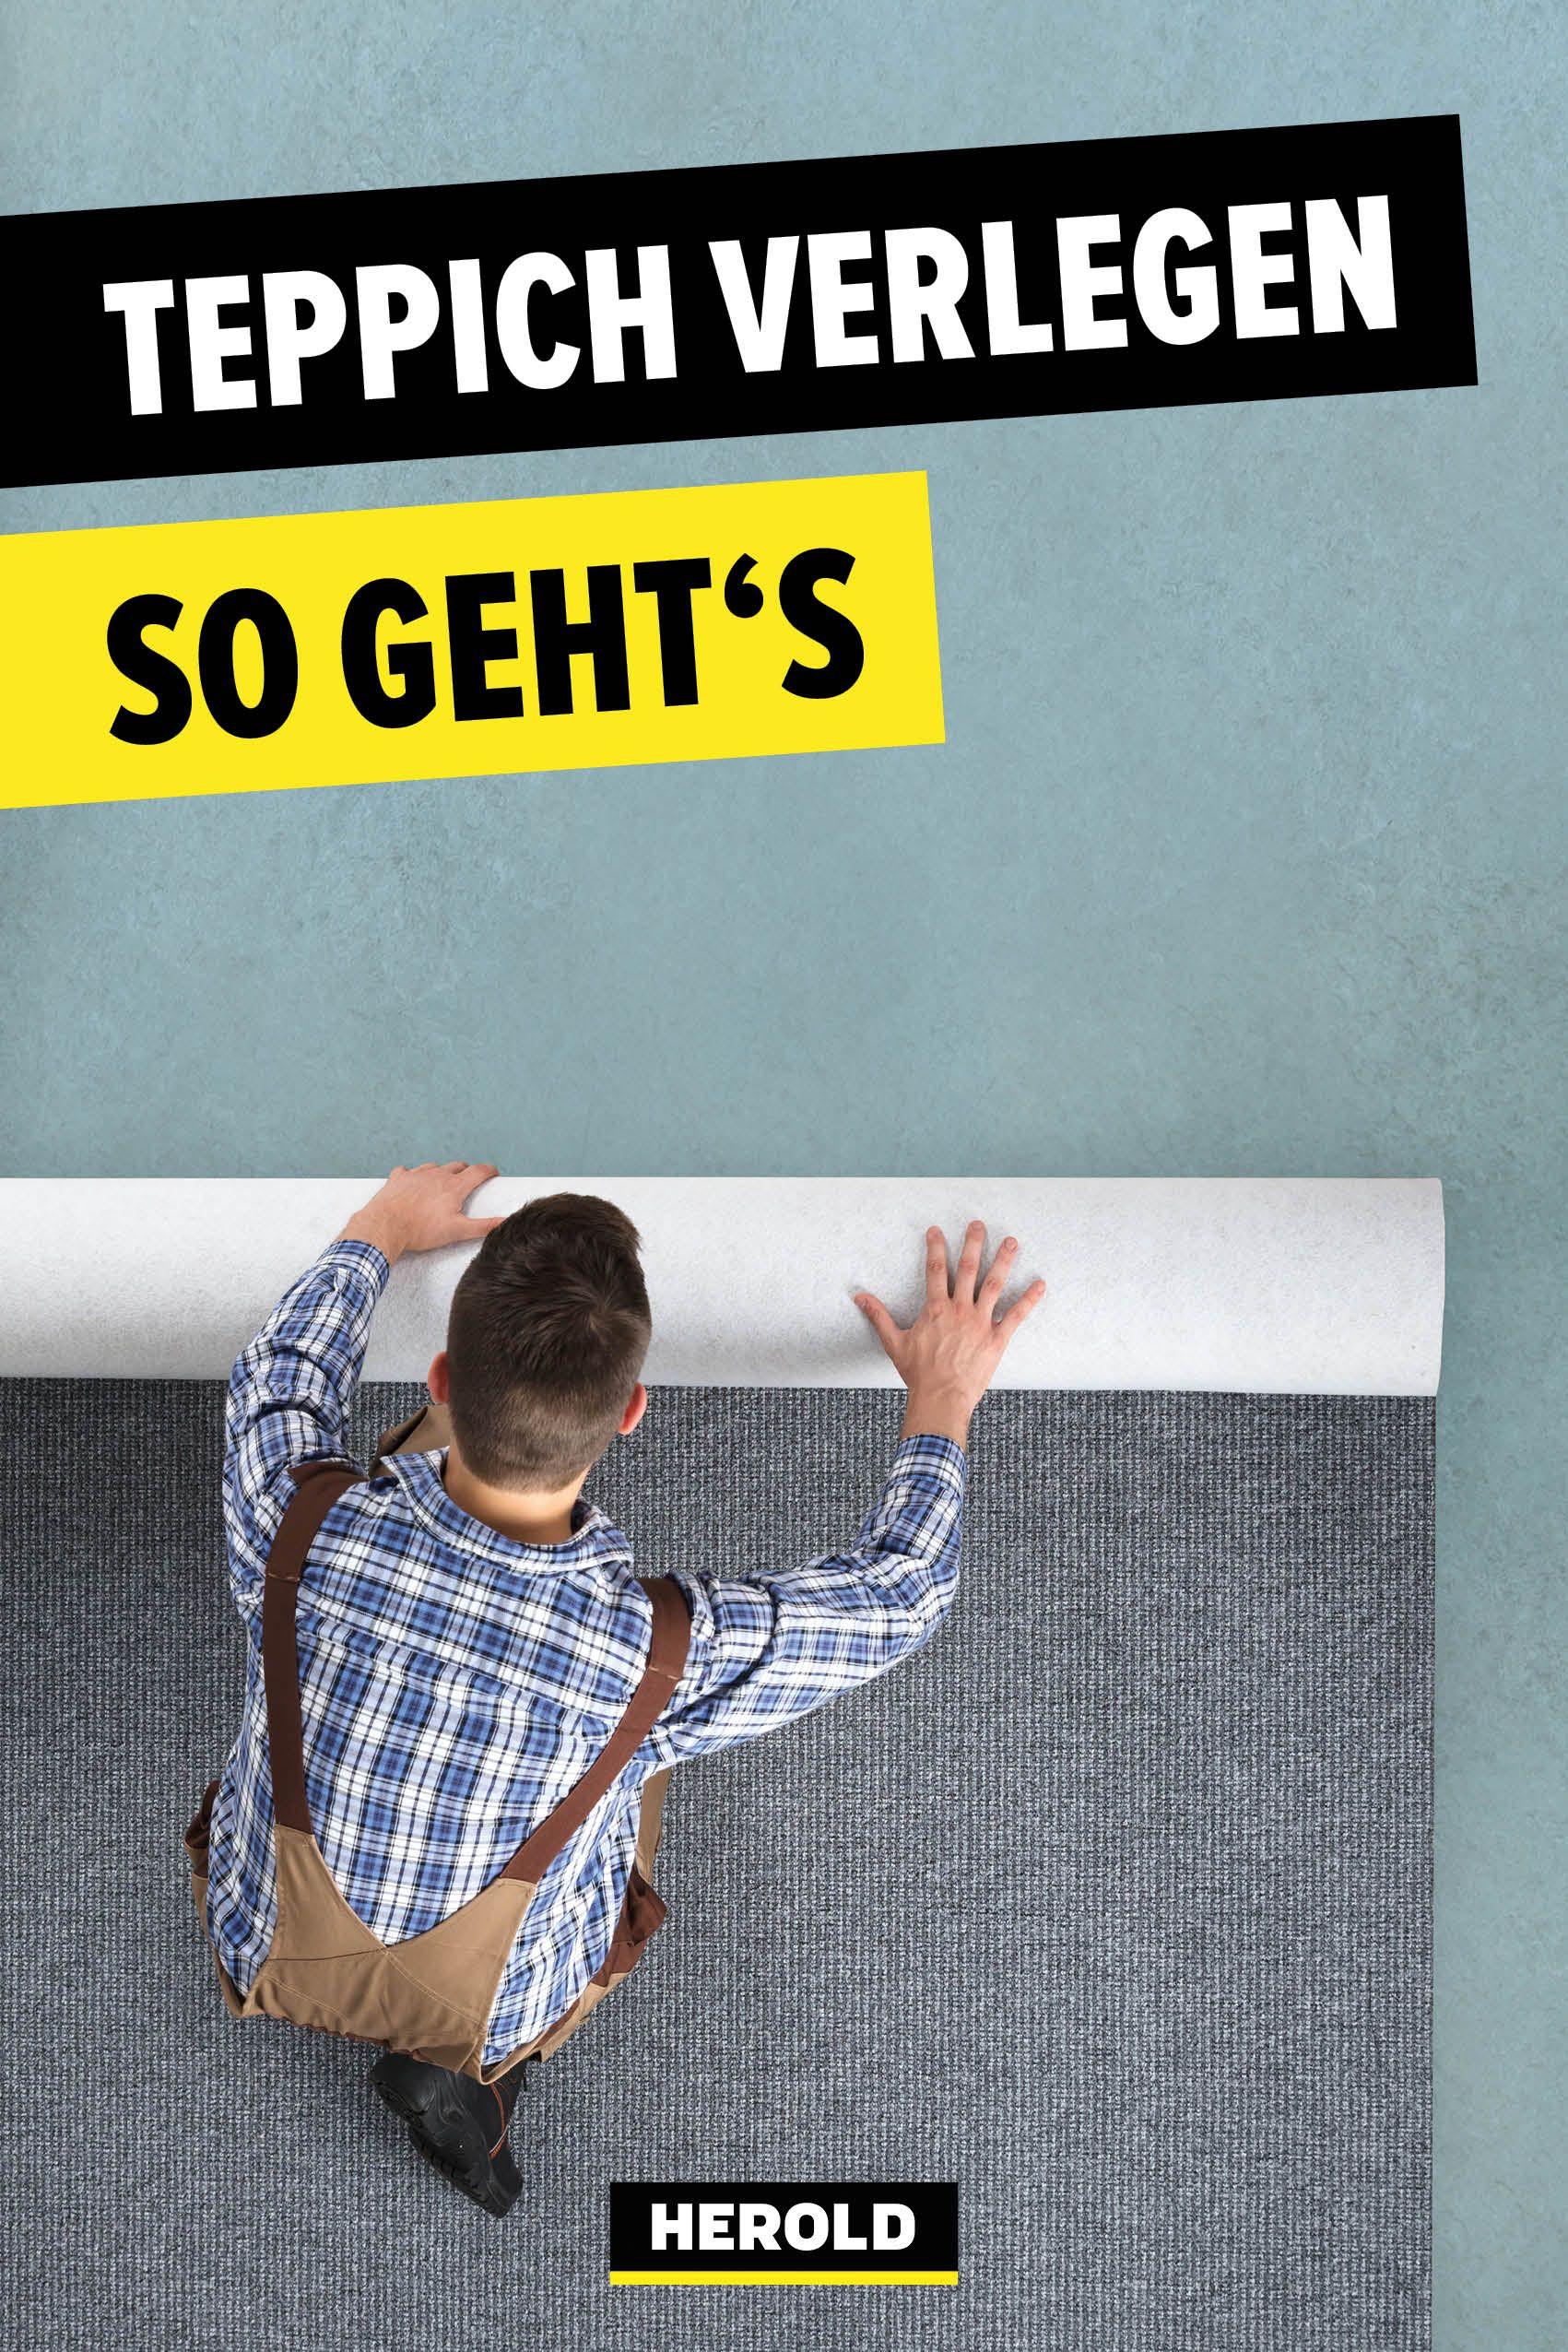 Teppich Verlegen Kosten Und Anleitung In 5 Schritten Teppich Verlegen Teppichboden Verlegen Teppich